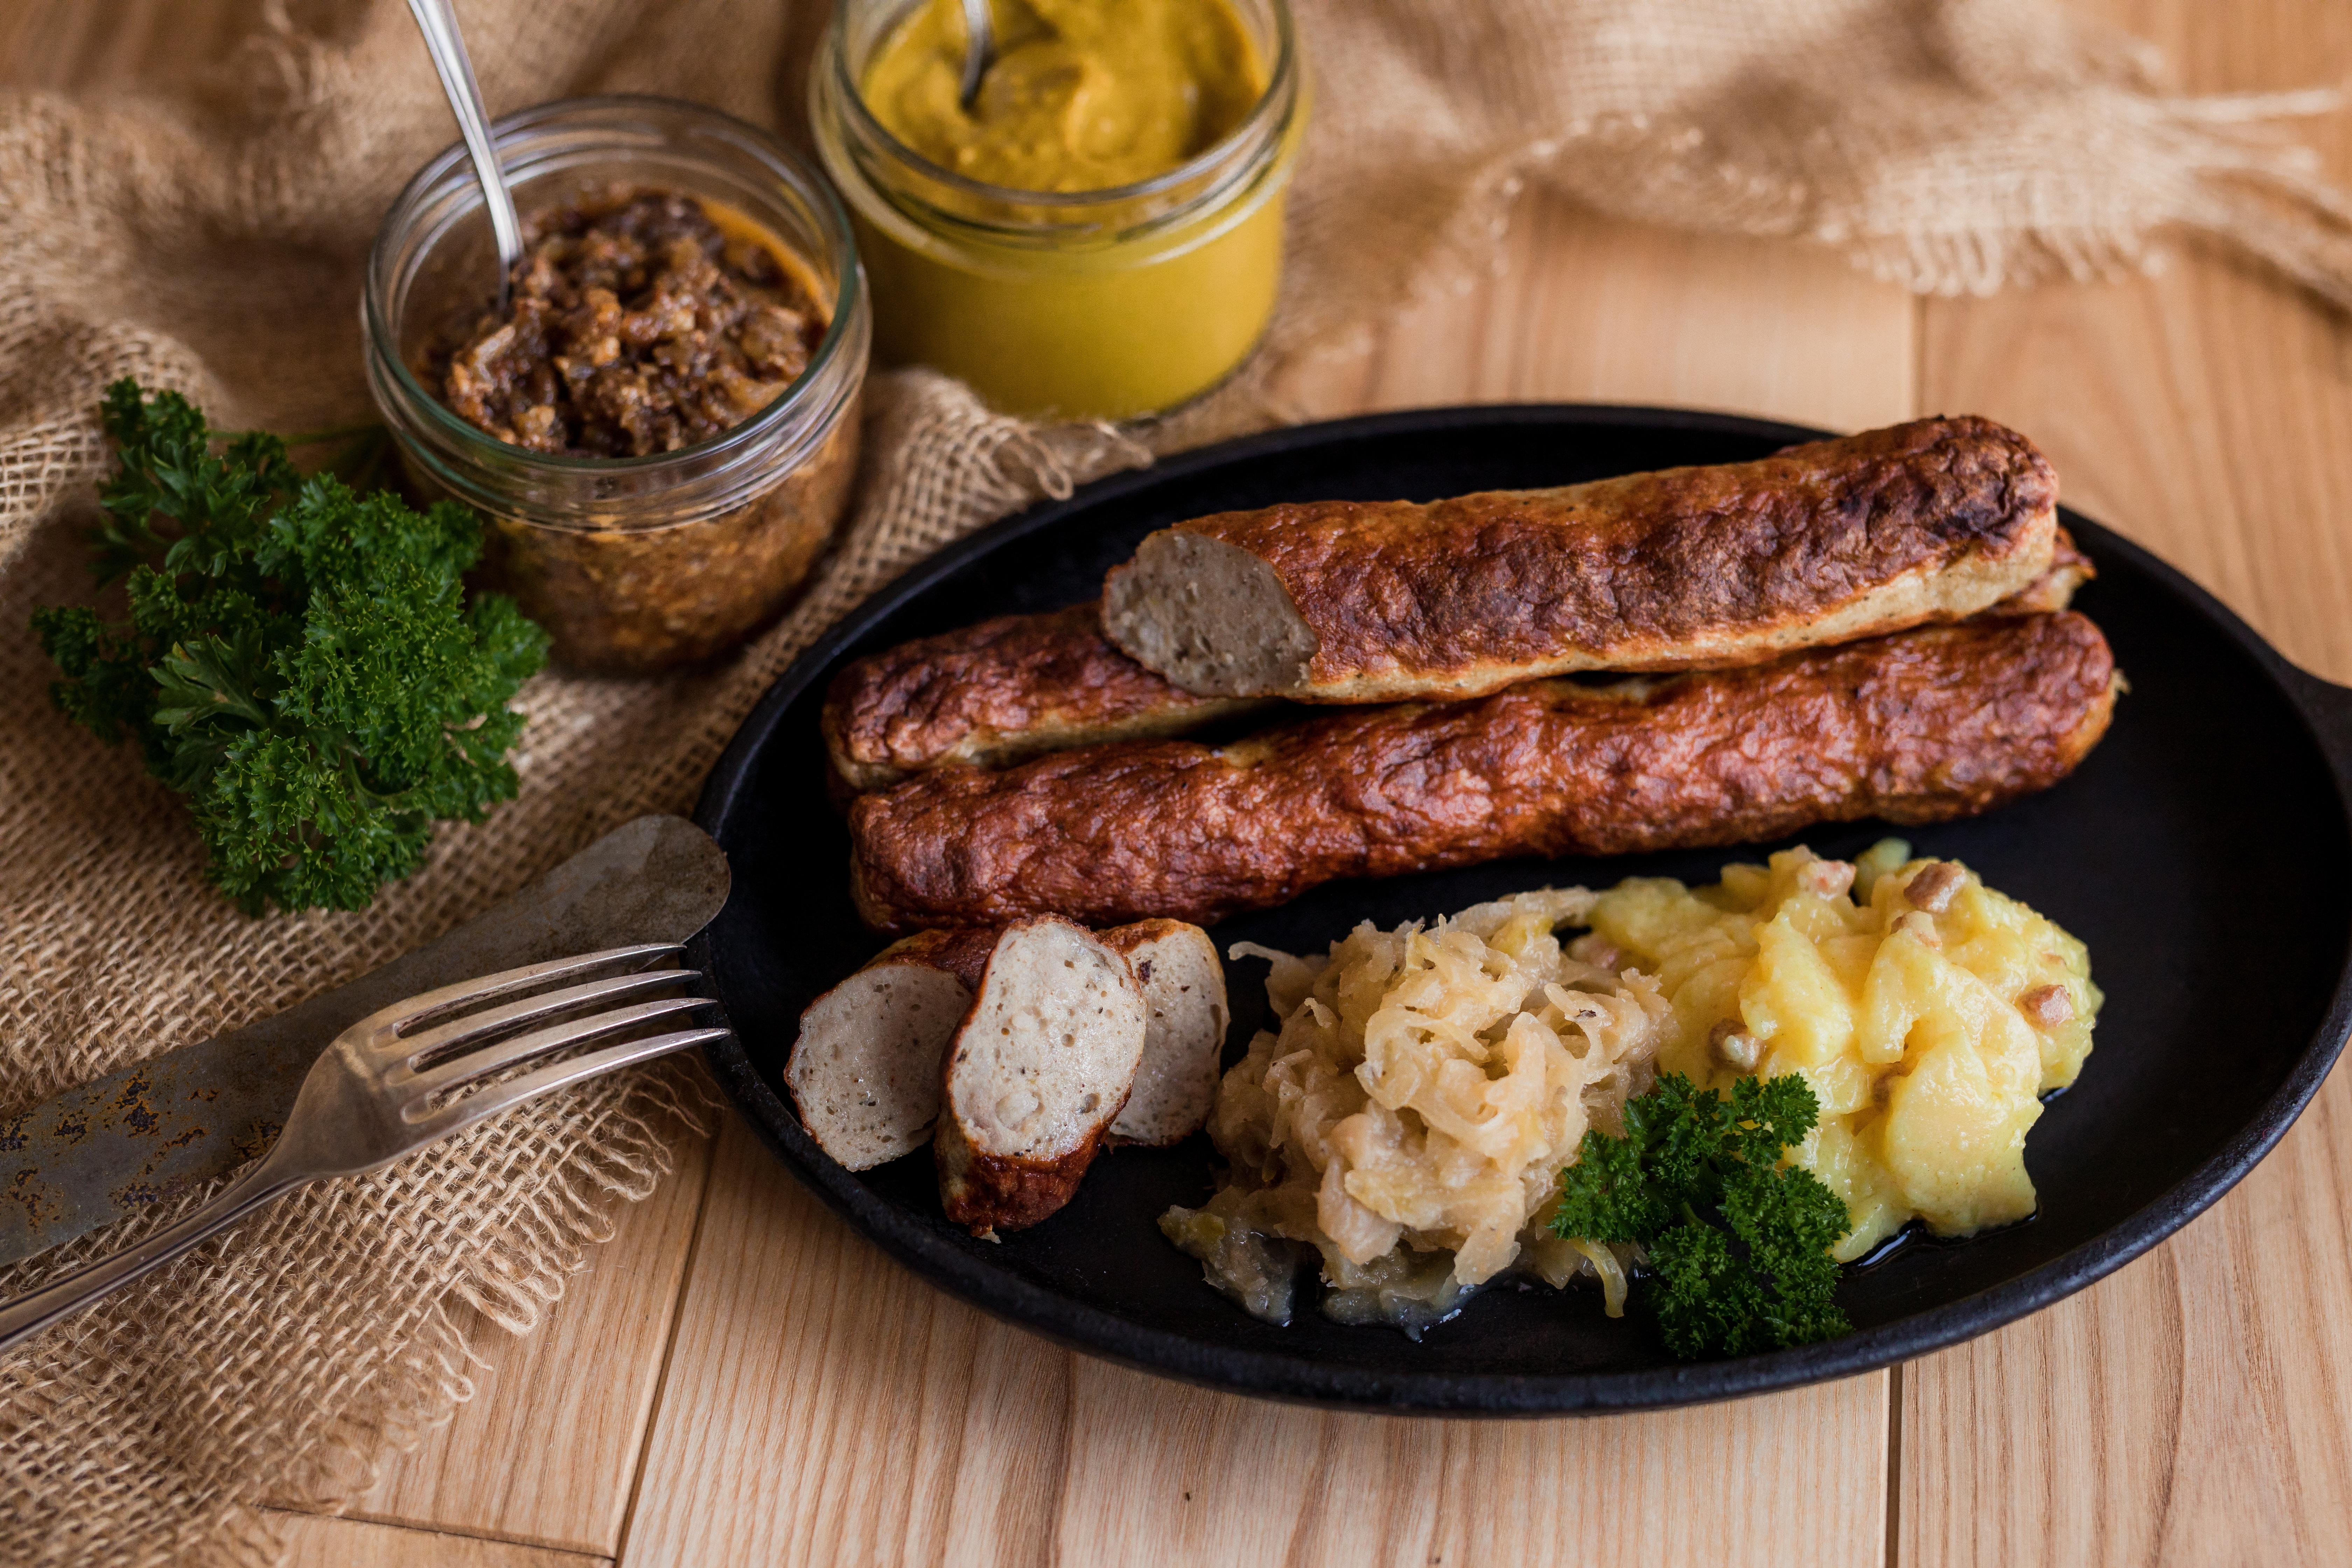 Gebratene Grillies in der Pfanne. Ein paar Stücke sind aufgeschnitten und Sauerkraut und Salatbeilage sind daneben. Neben der Pfanne Saucen-Gläser und Kräuter auf Holz-Untergrund.